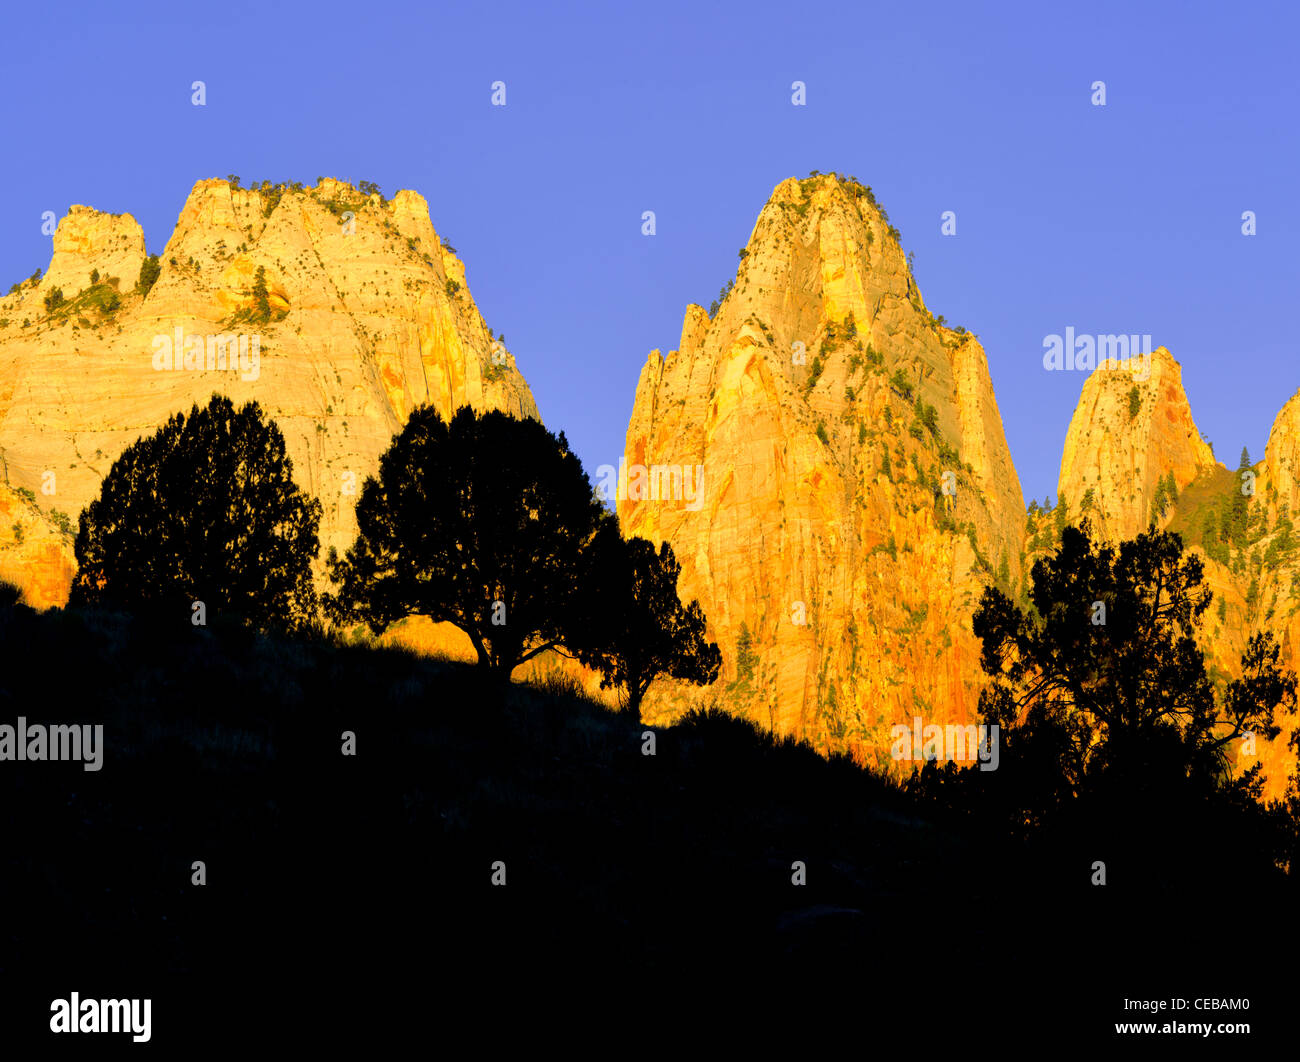 Silhouette Bäume und Tempel und Türme der Jungfrau Maria. Zion Nationalpark, Utah Stockbild